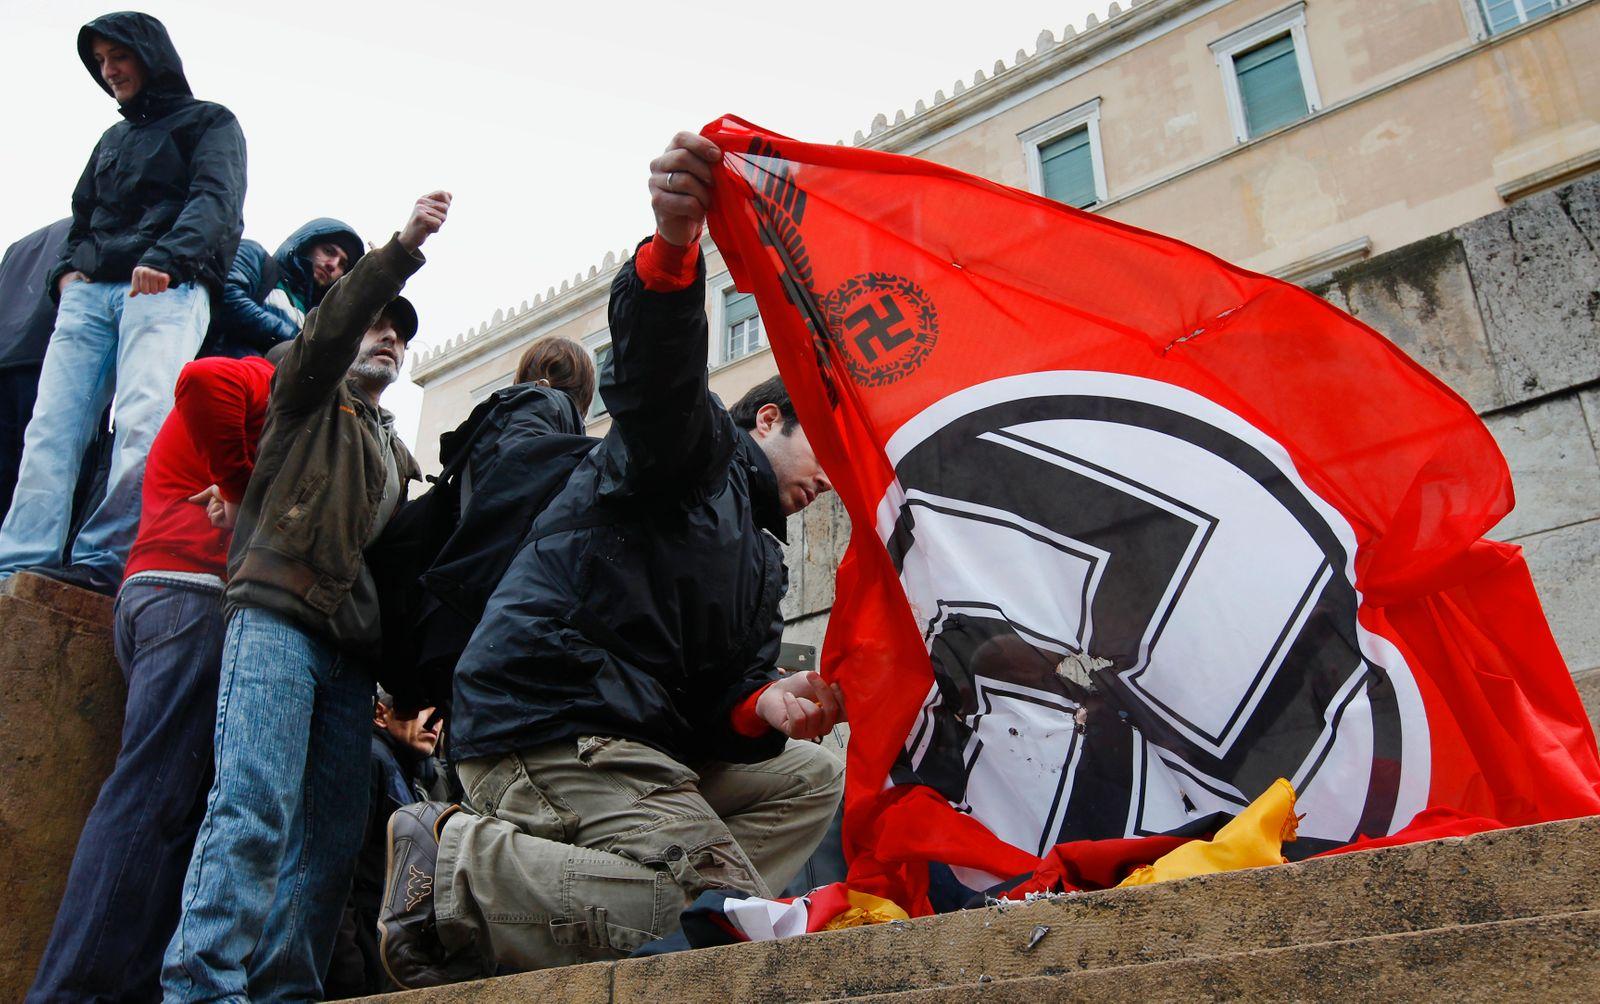 Griechenland / Ausschreitungen / Nazi-Flagge